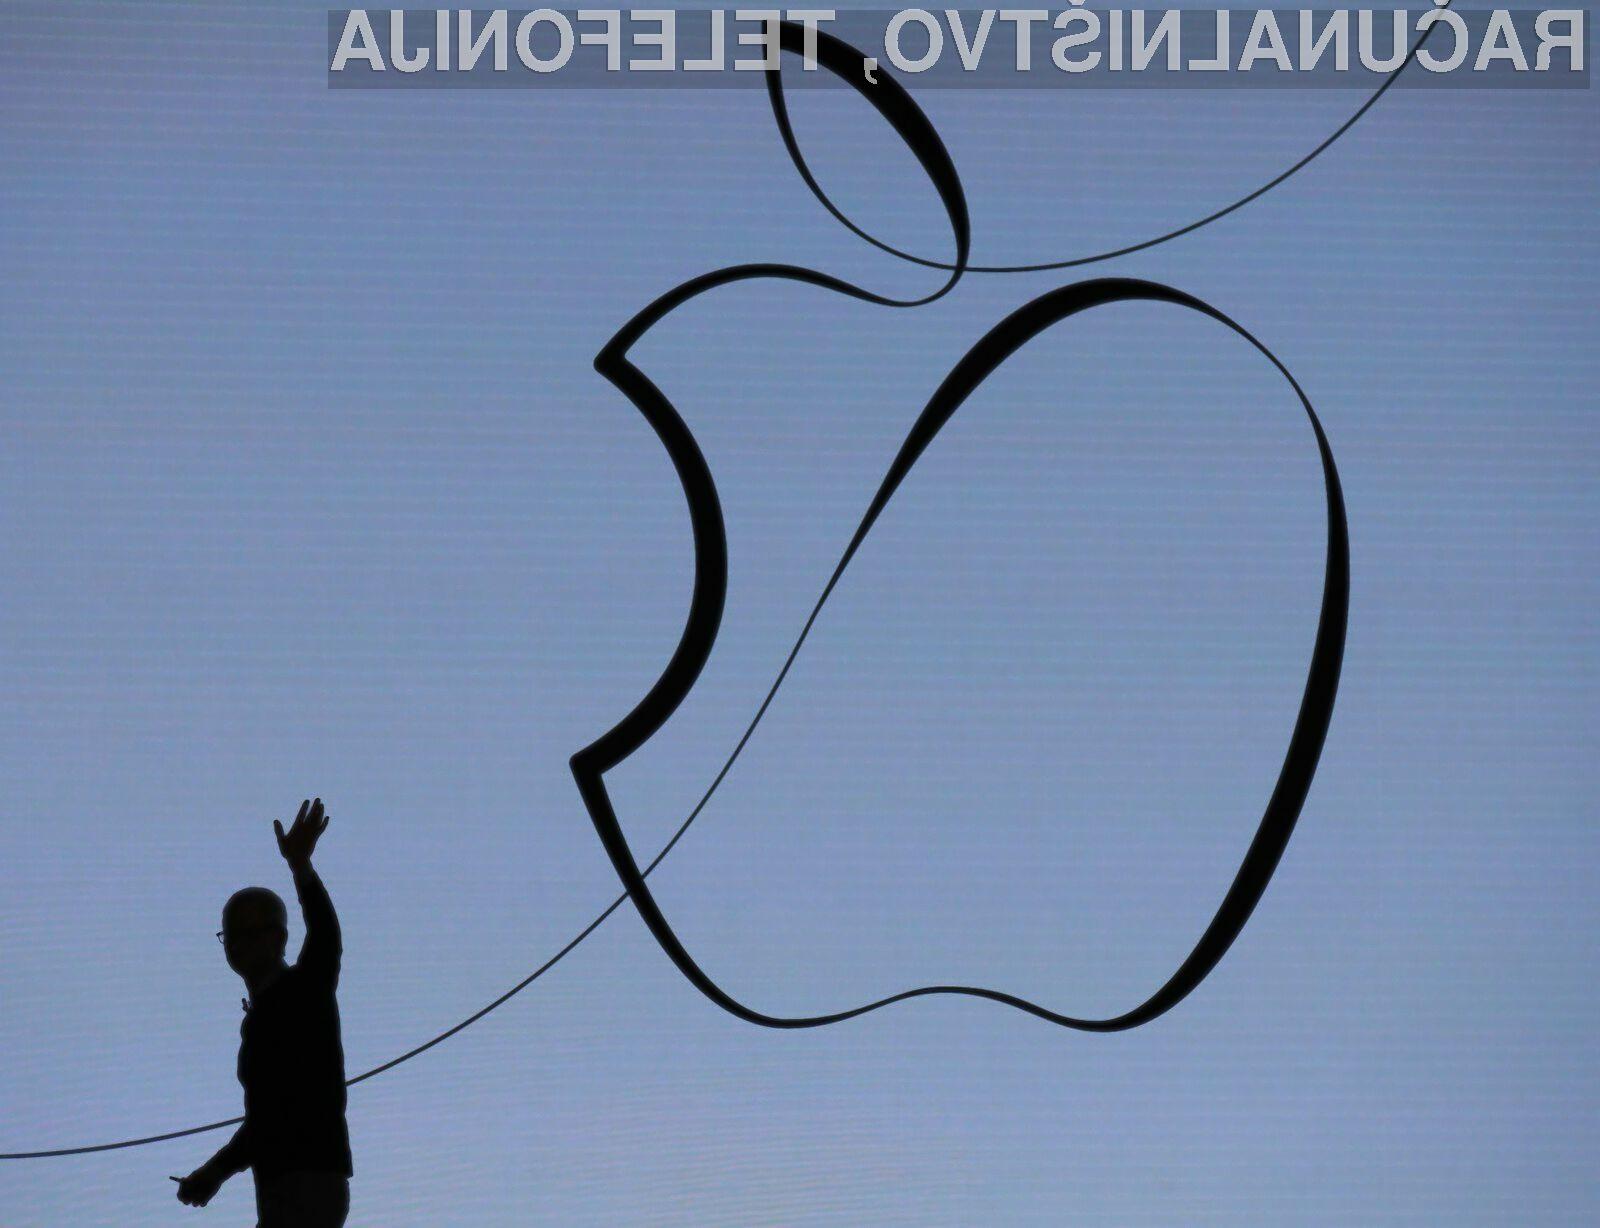 Podjetju Apple v zadnjem času močno primanjkuje novih idej na področju mobilne telefonije.